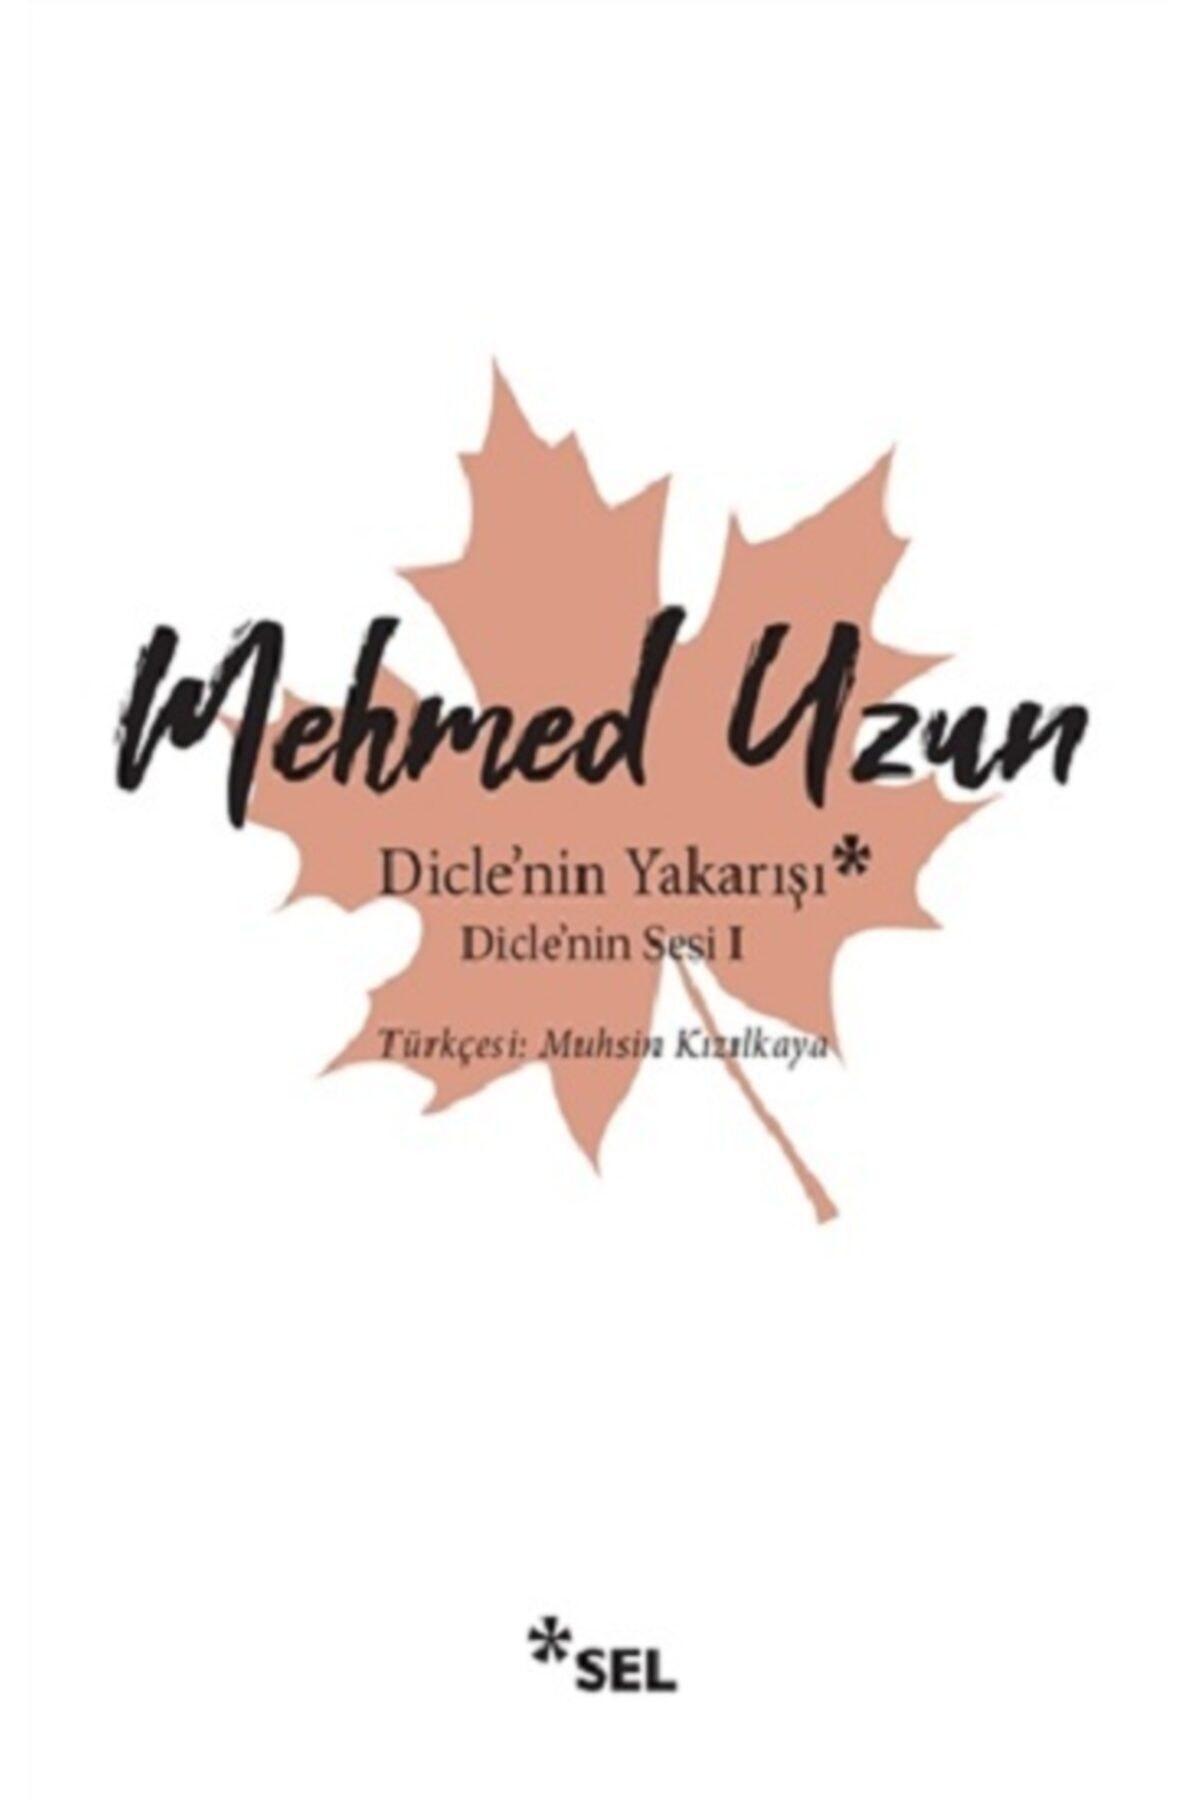 Sel Yayıncılık Dicle'nin Yakarışı - Dicle'nin Sesi 1 - - Mehmed Uzun 1